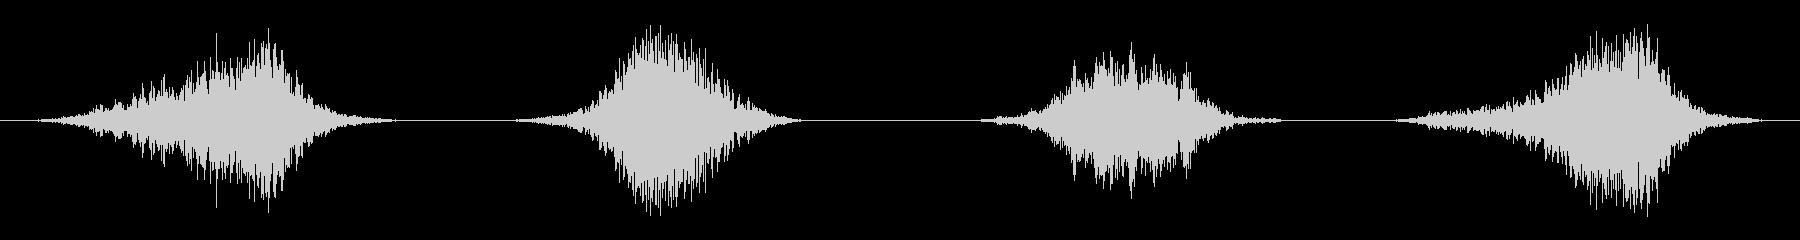 ビッグ、ヘビーロックスウッシュバイスの未再生の波形